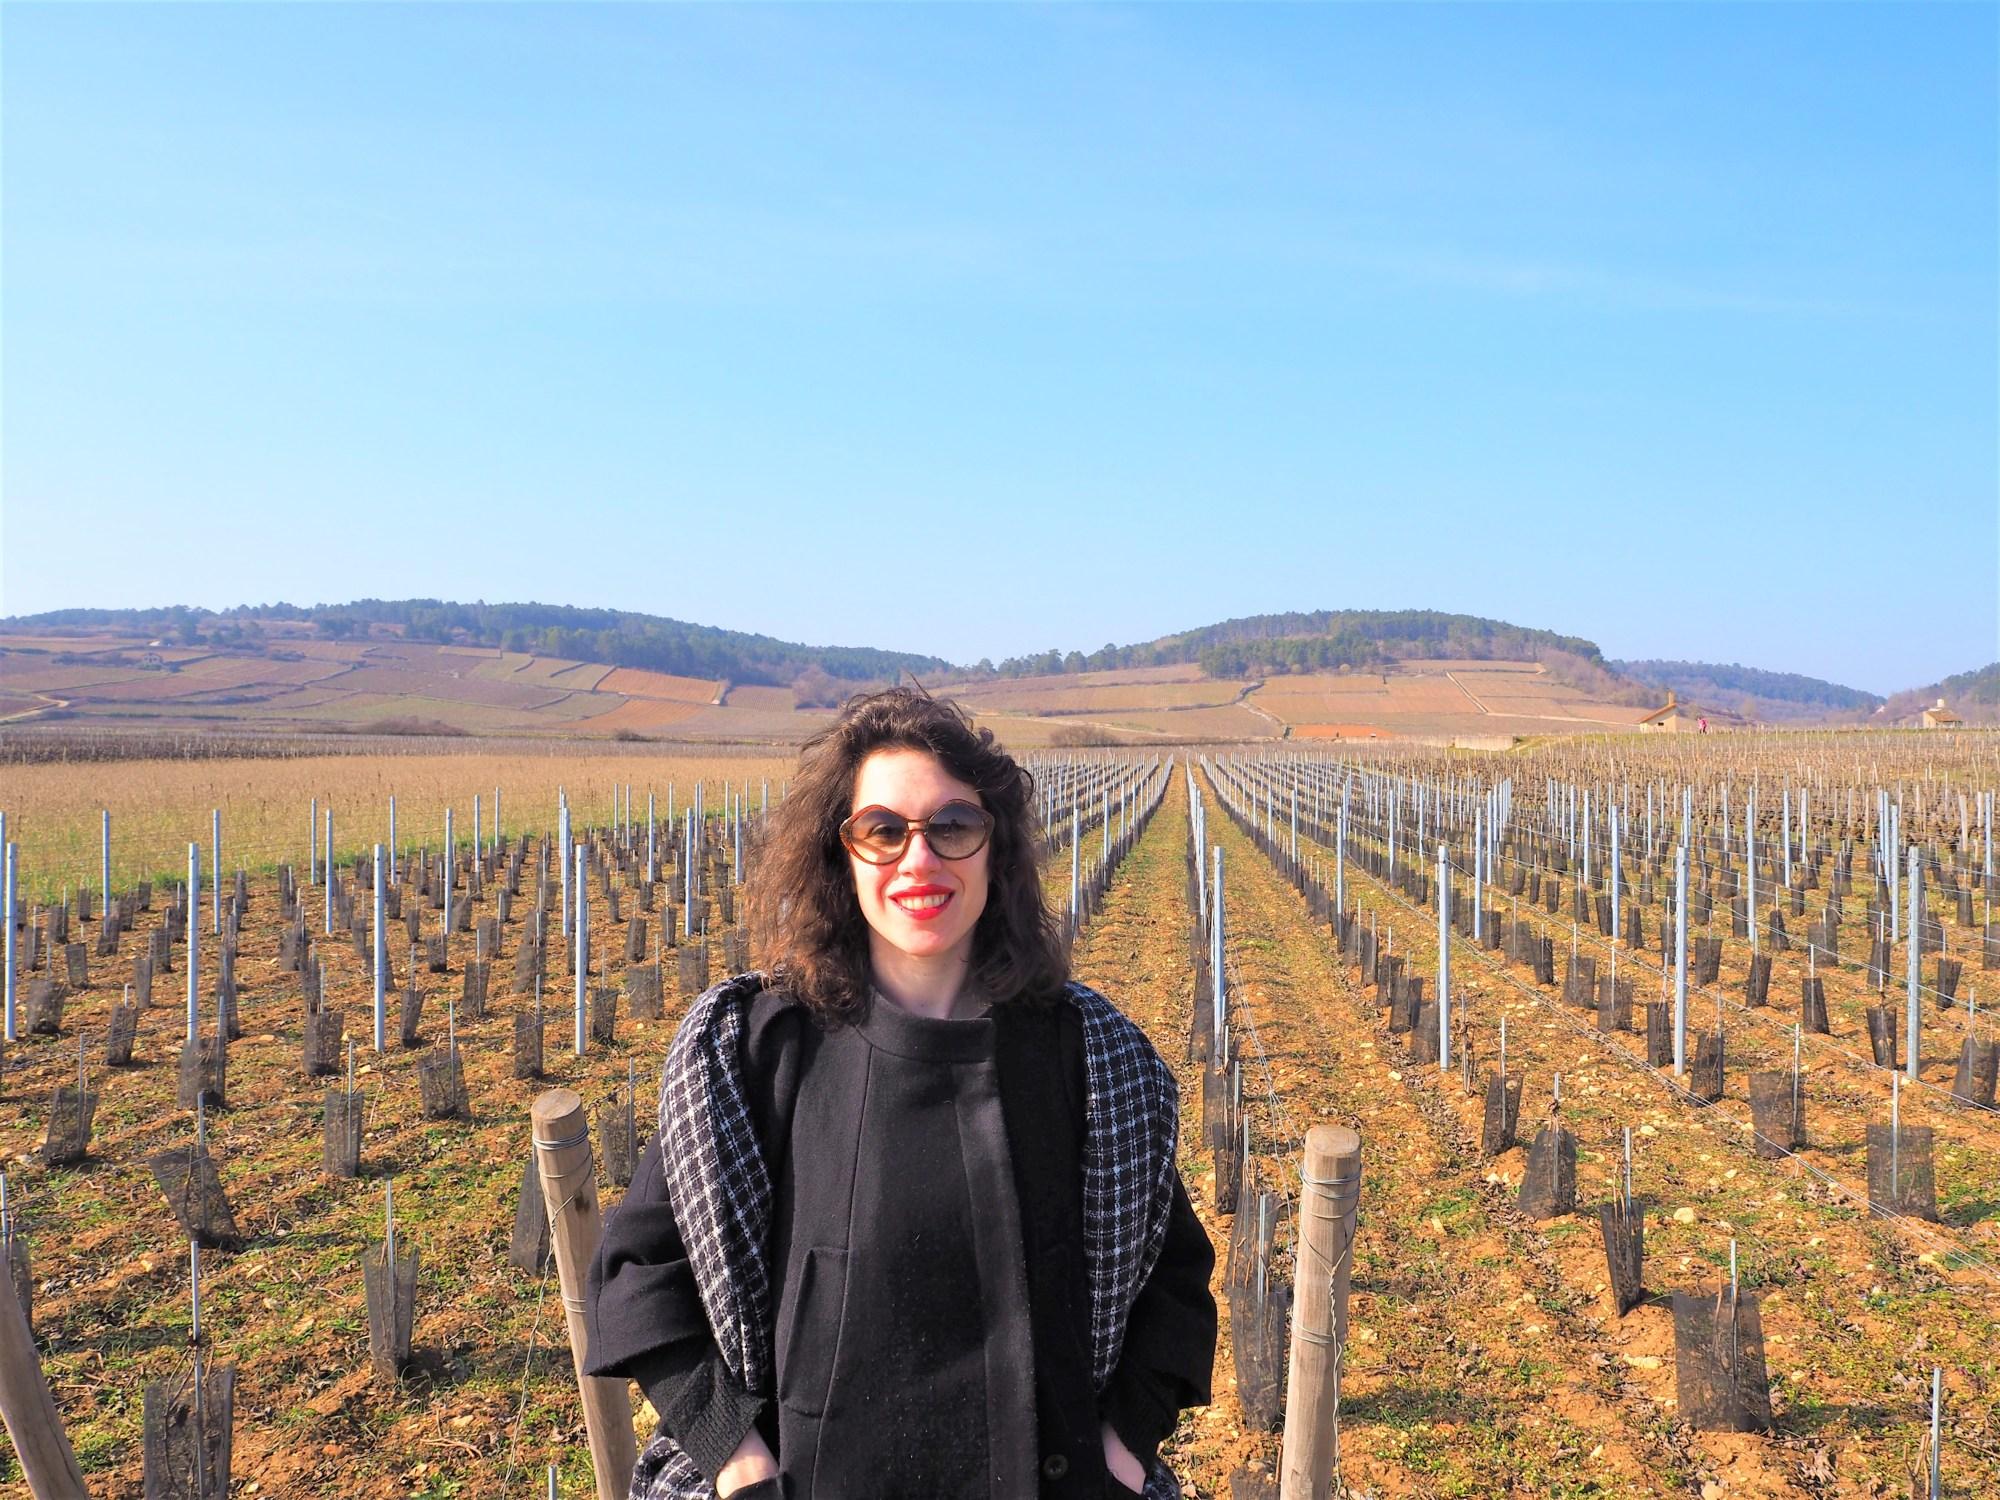 La véloroute la voie des vignes beaune meursault puligny pommard dijon clioandco voyager